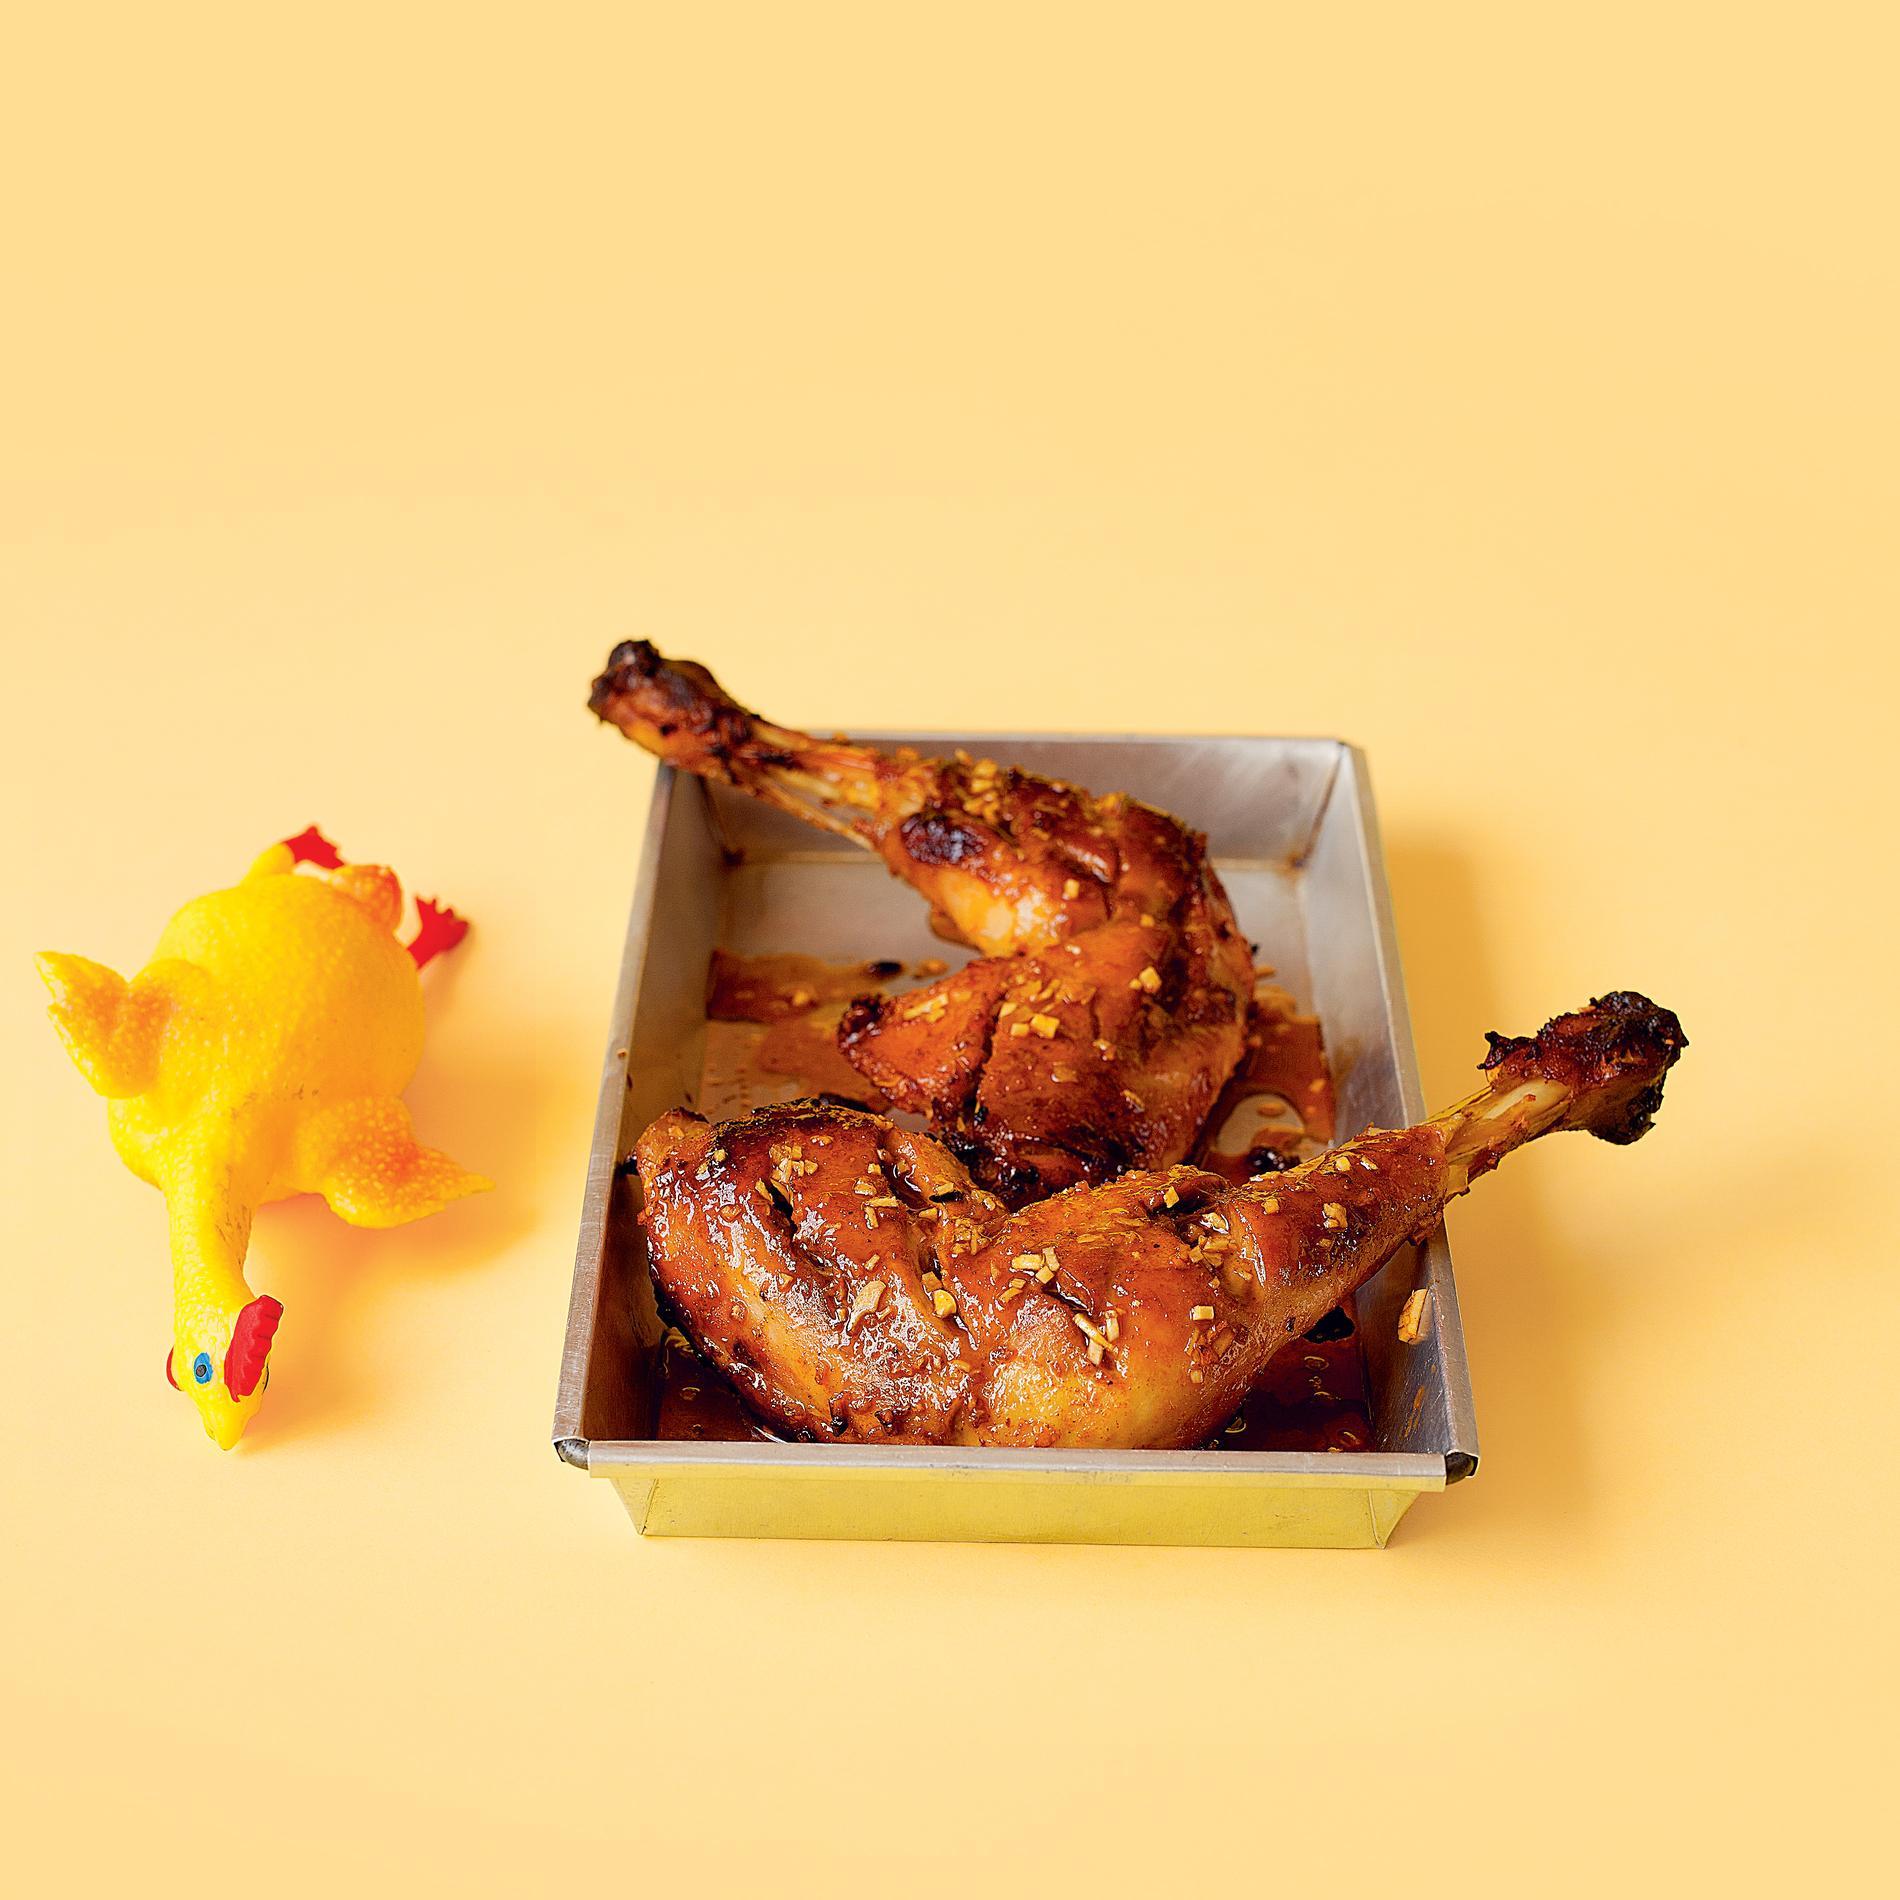 recette poulet o miel cuisine madame figaro. Black Bedroom Furniture Sets. Home Design Ideas